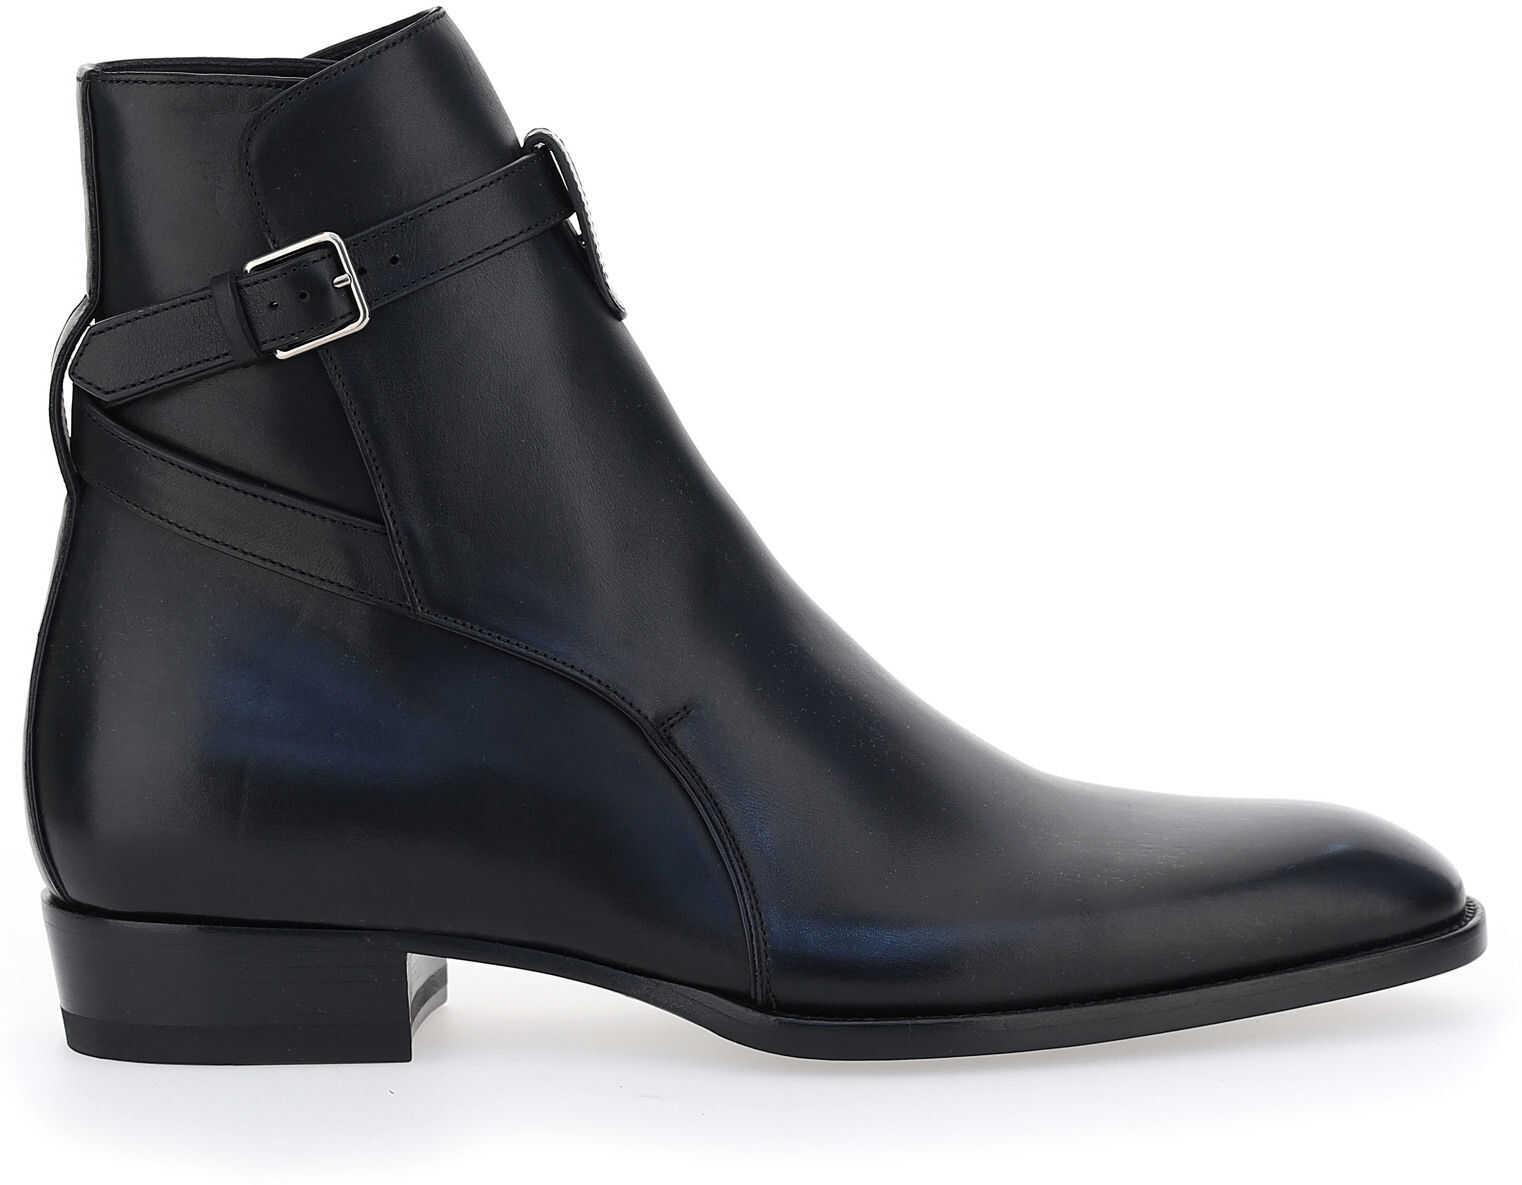 Saint Laurent Boots 6304821YL00 N/A imagine b-mall.ro